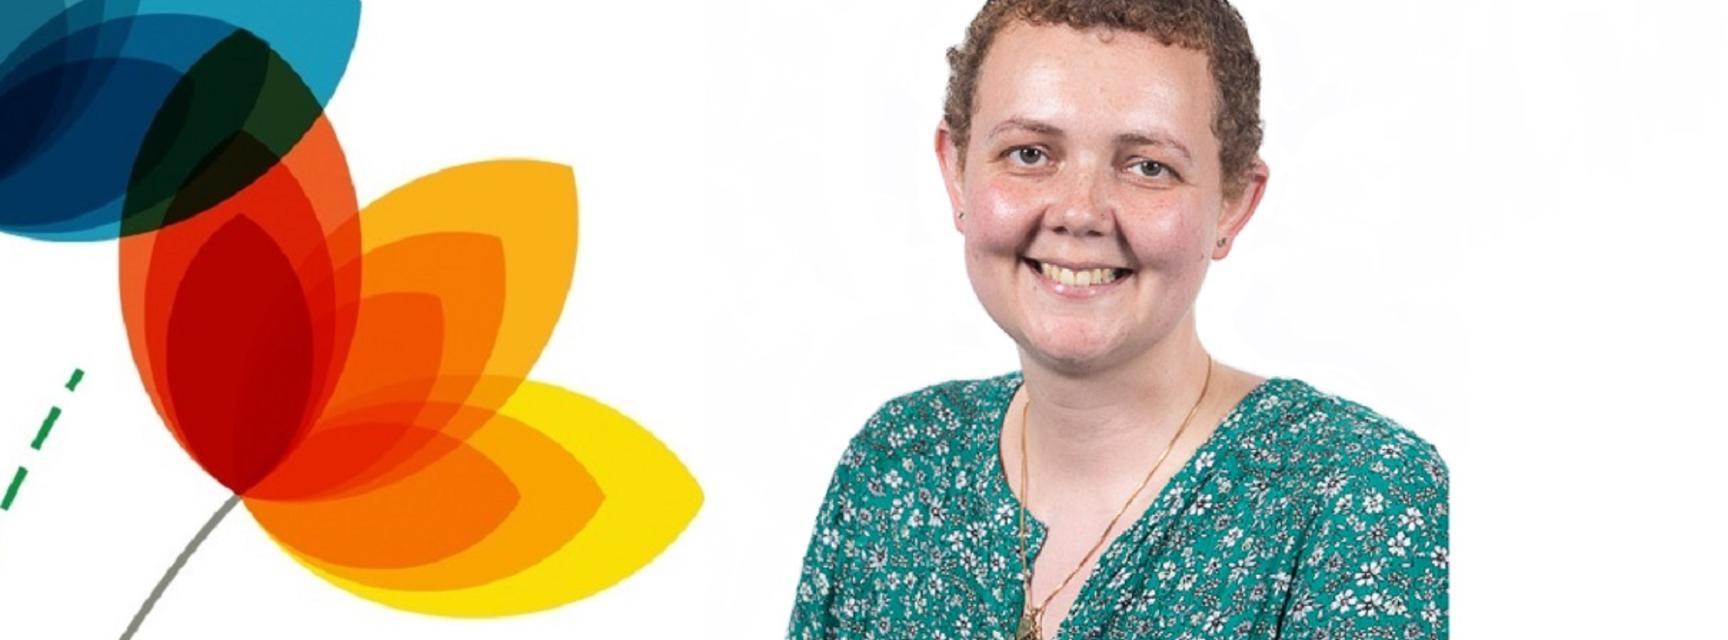 Hannah Ravenswood - VC Diversity Awards Winner 2020